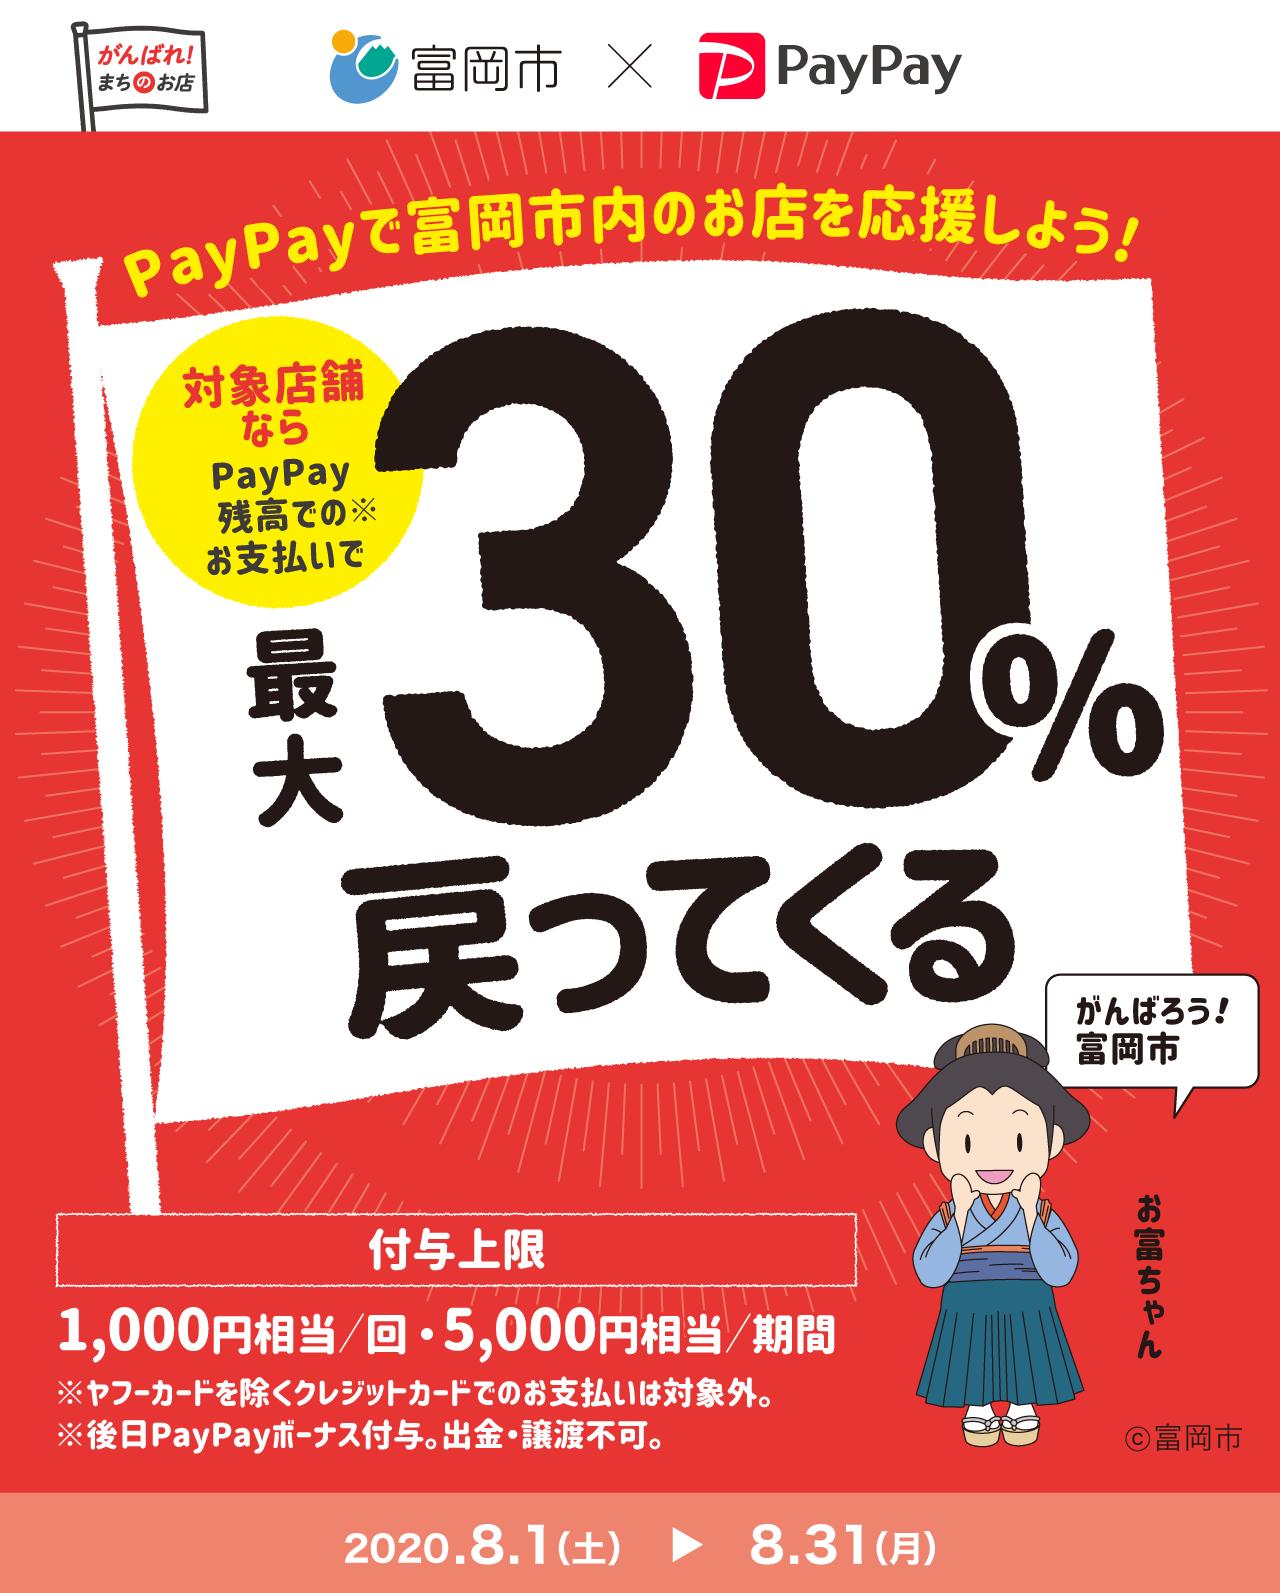 PayPayで富岡市内のお店を応援しよう! 対象店舗ならPayPay残高でのお支払いで 最大30%戻ってくる